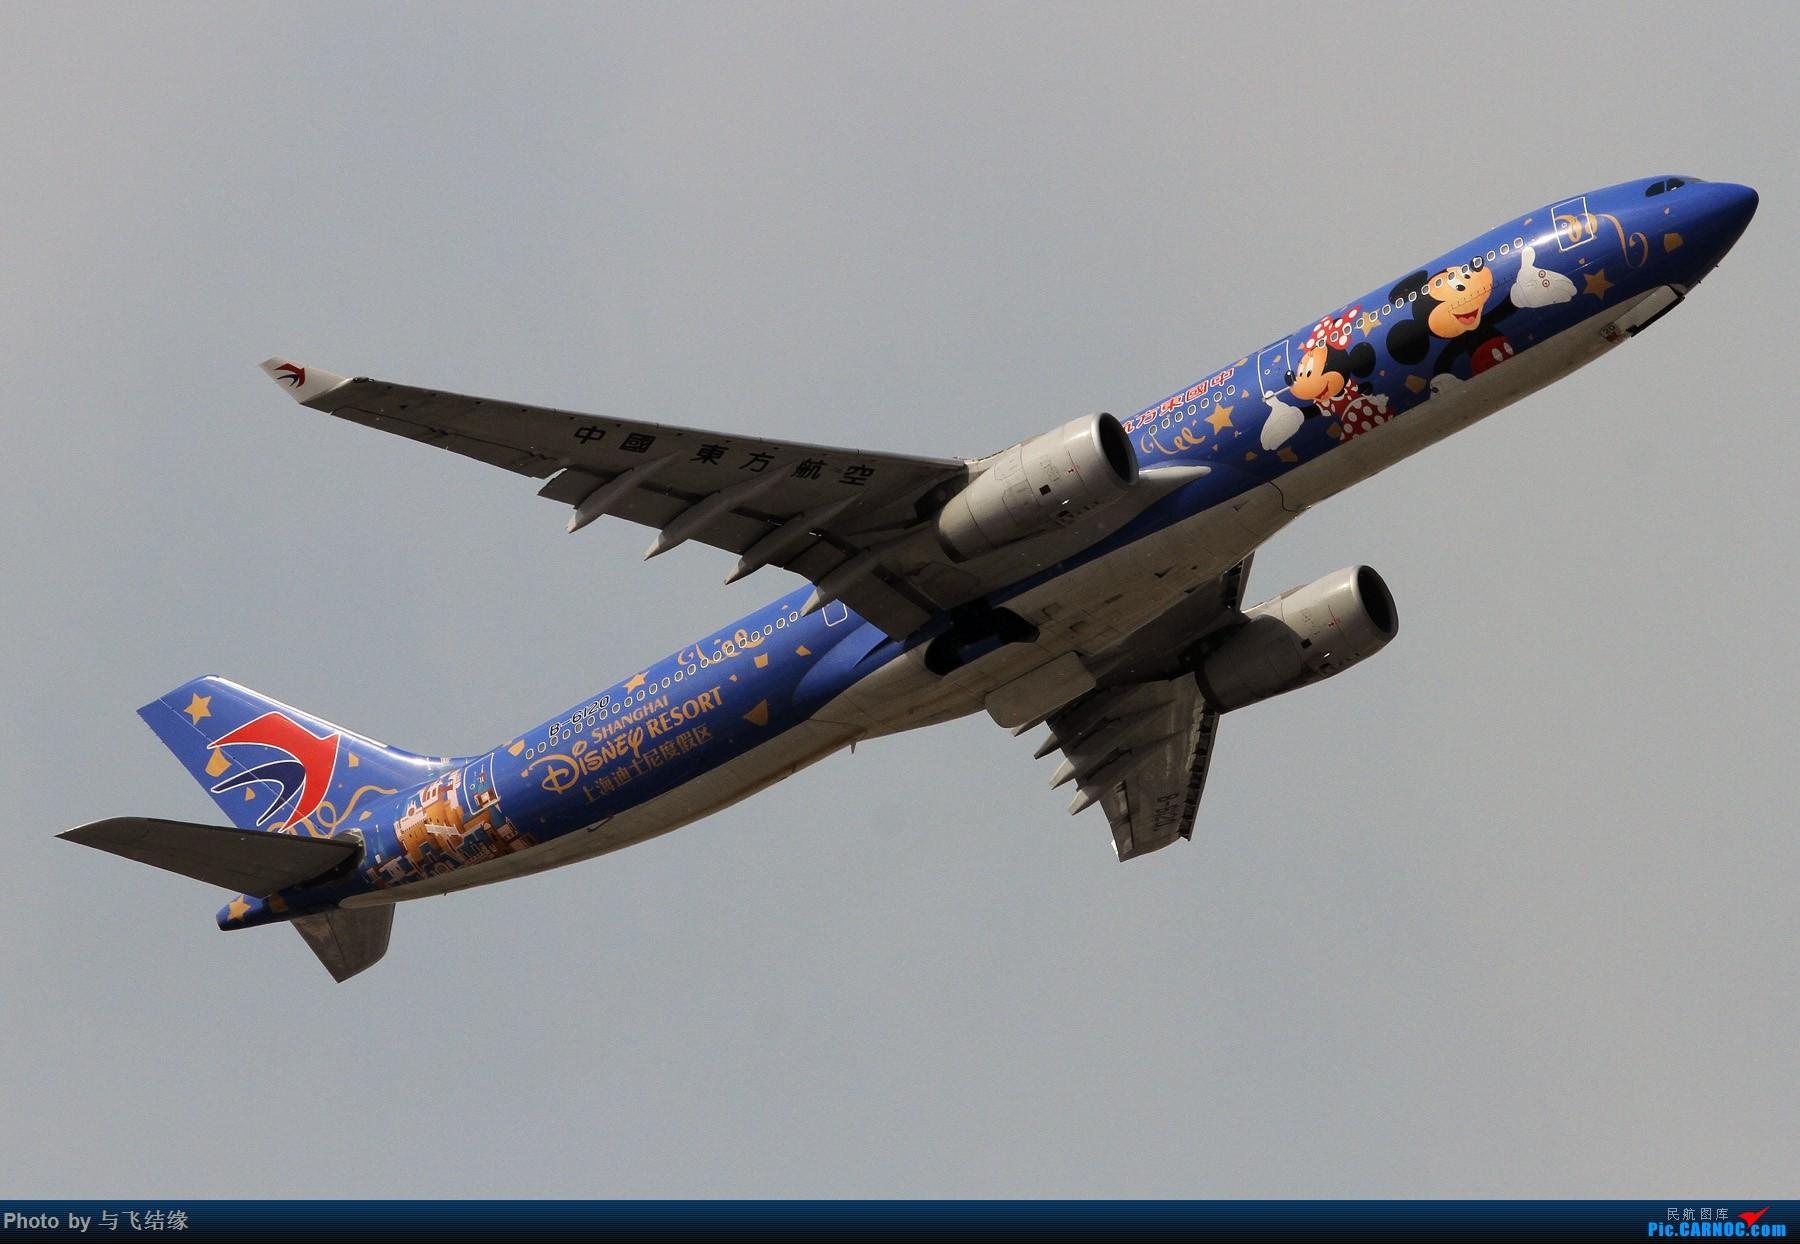 """Re:[原创]东航""""上海迪士尼度假区""""彩绘B-6120靓图! AIRBUS A330-300 B-6120 中国北京首都国际机场"""